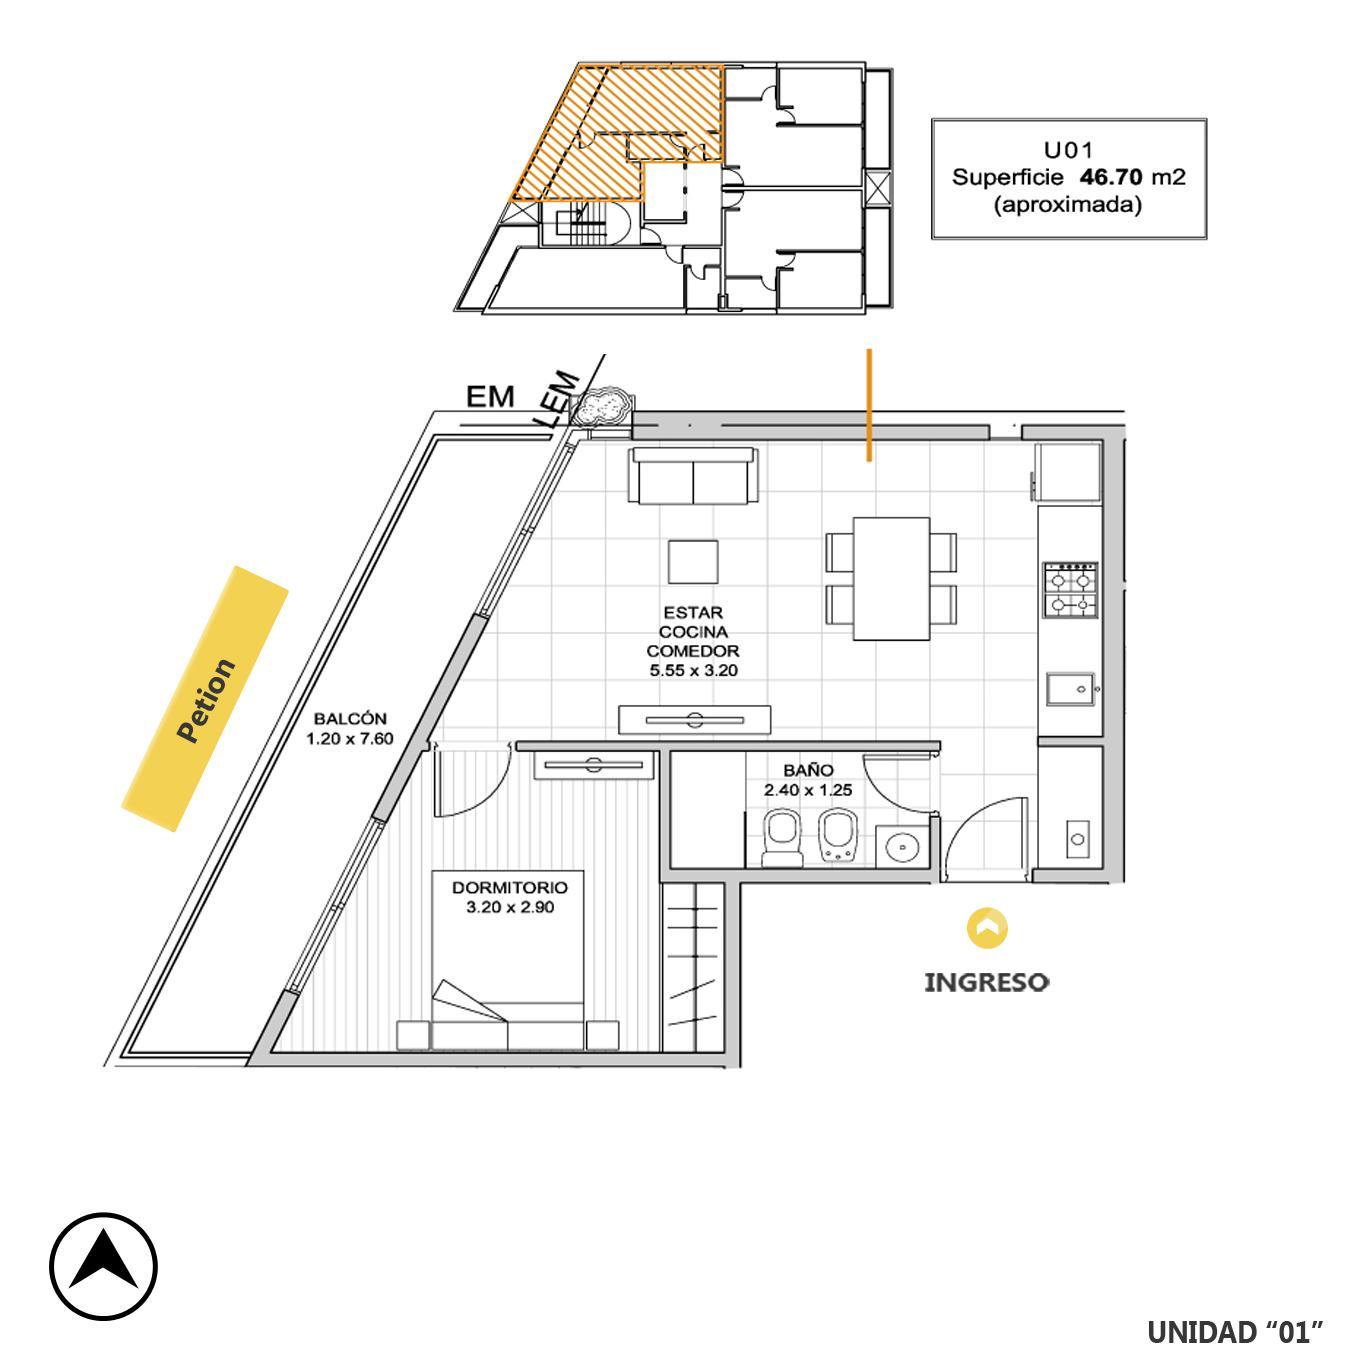 Venta departamento 1 dormitorio Rosario, Remedios De Escalada De San Martin. Cod CBU23216 AP2197204. Crestale Propiedades